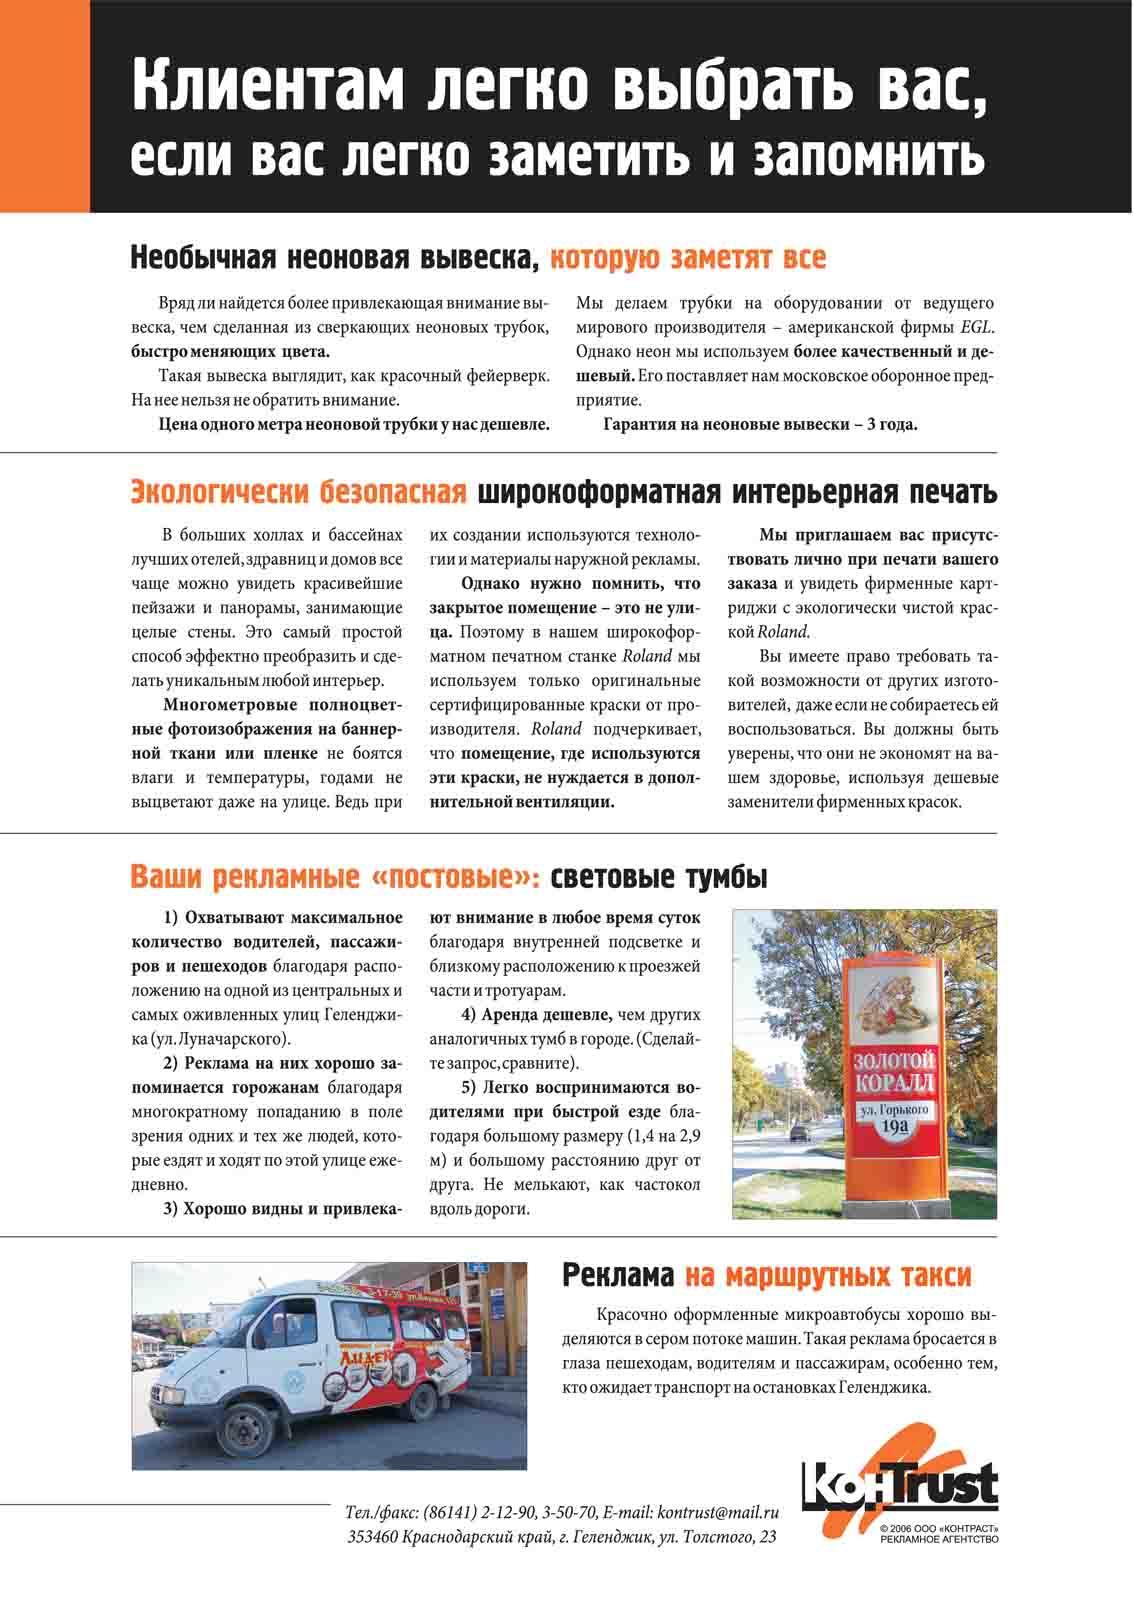 Печатная реклама, Денис Богомолов, РА «Контраст»